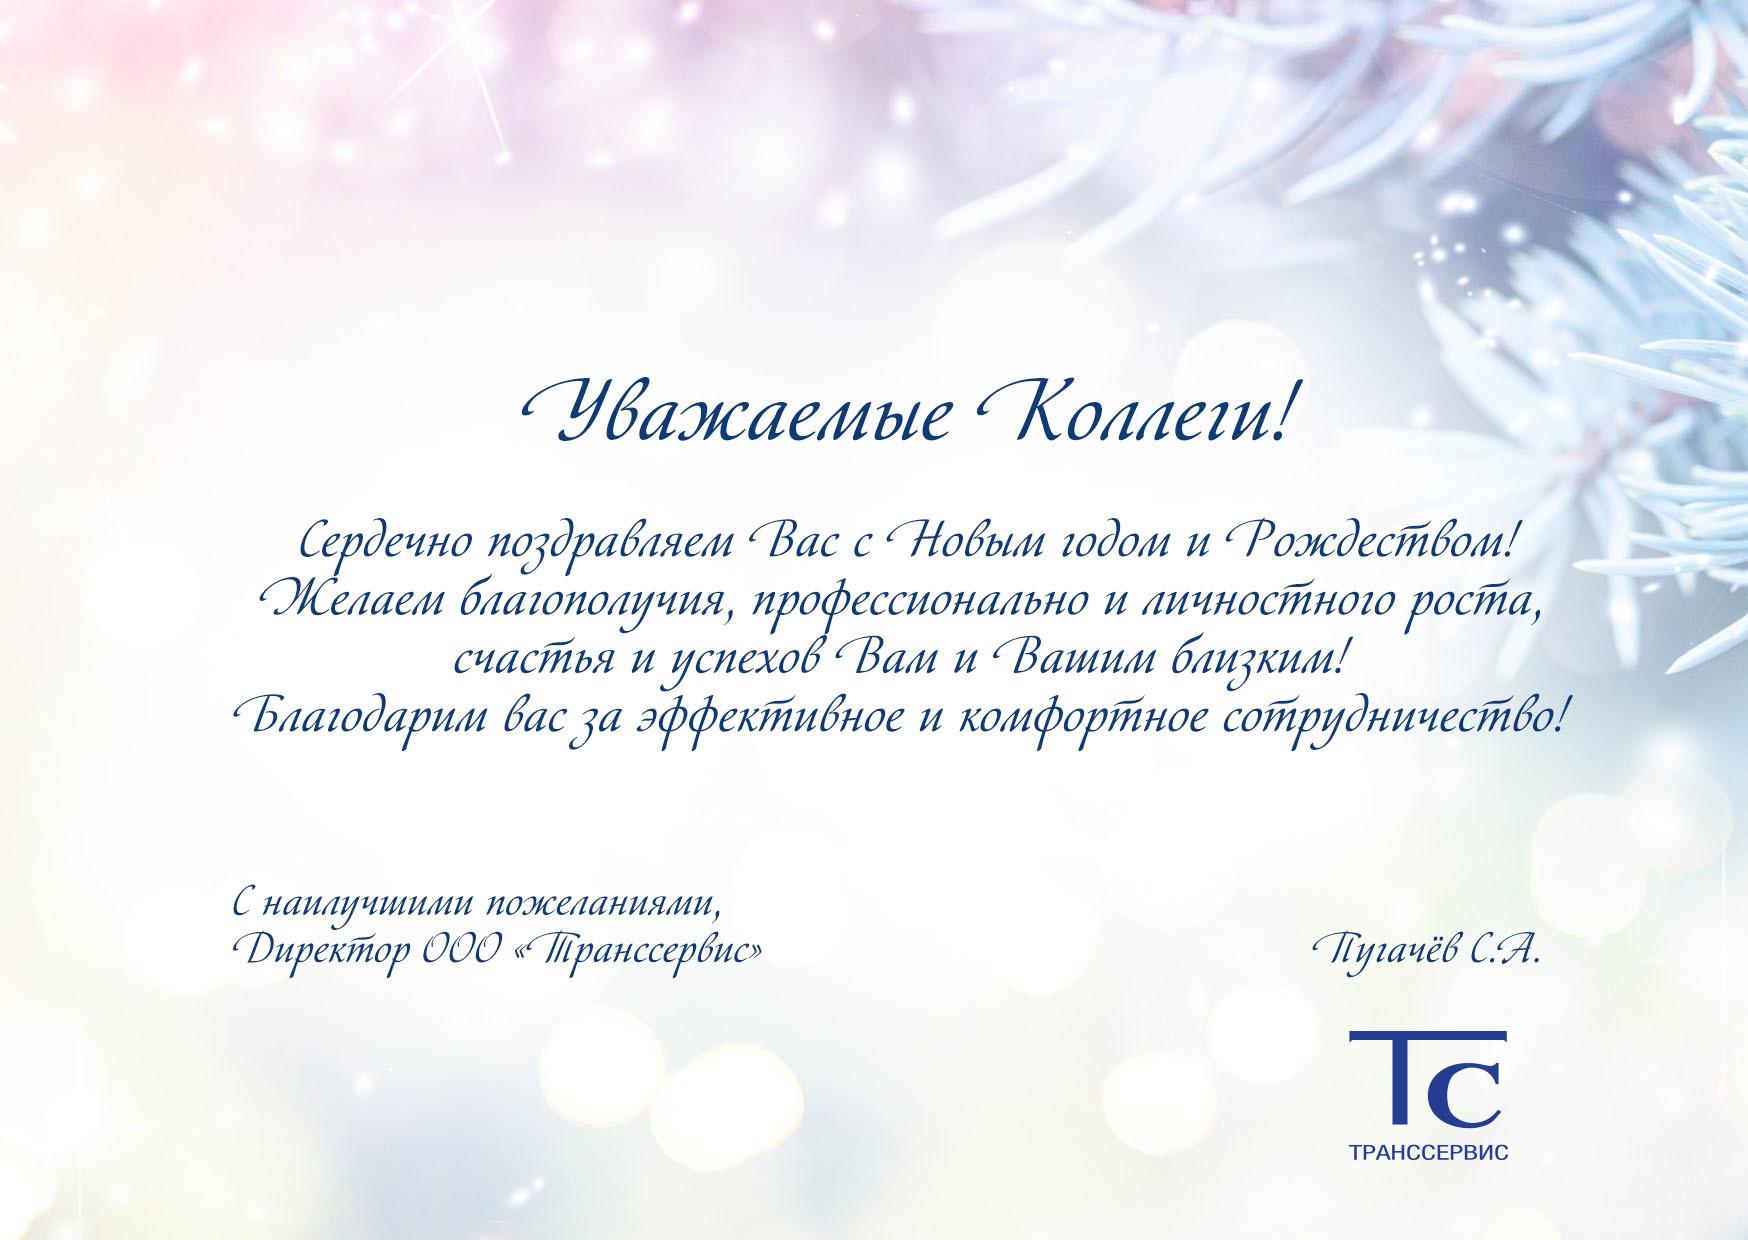 График работы предприятия ООО «ТРАНССЕРВИС»  в новогодние праздники 2019-2020 года.